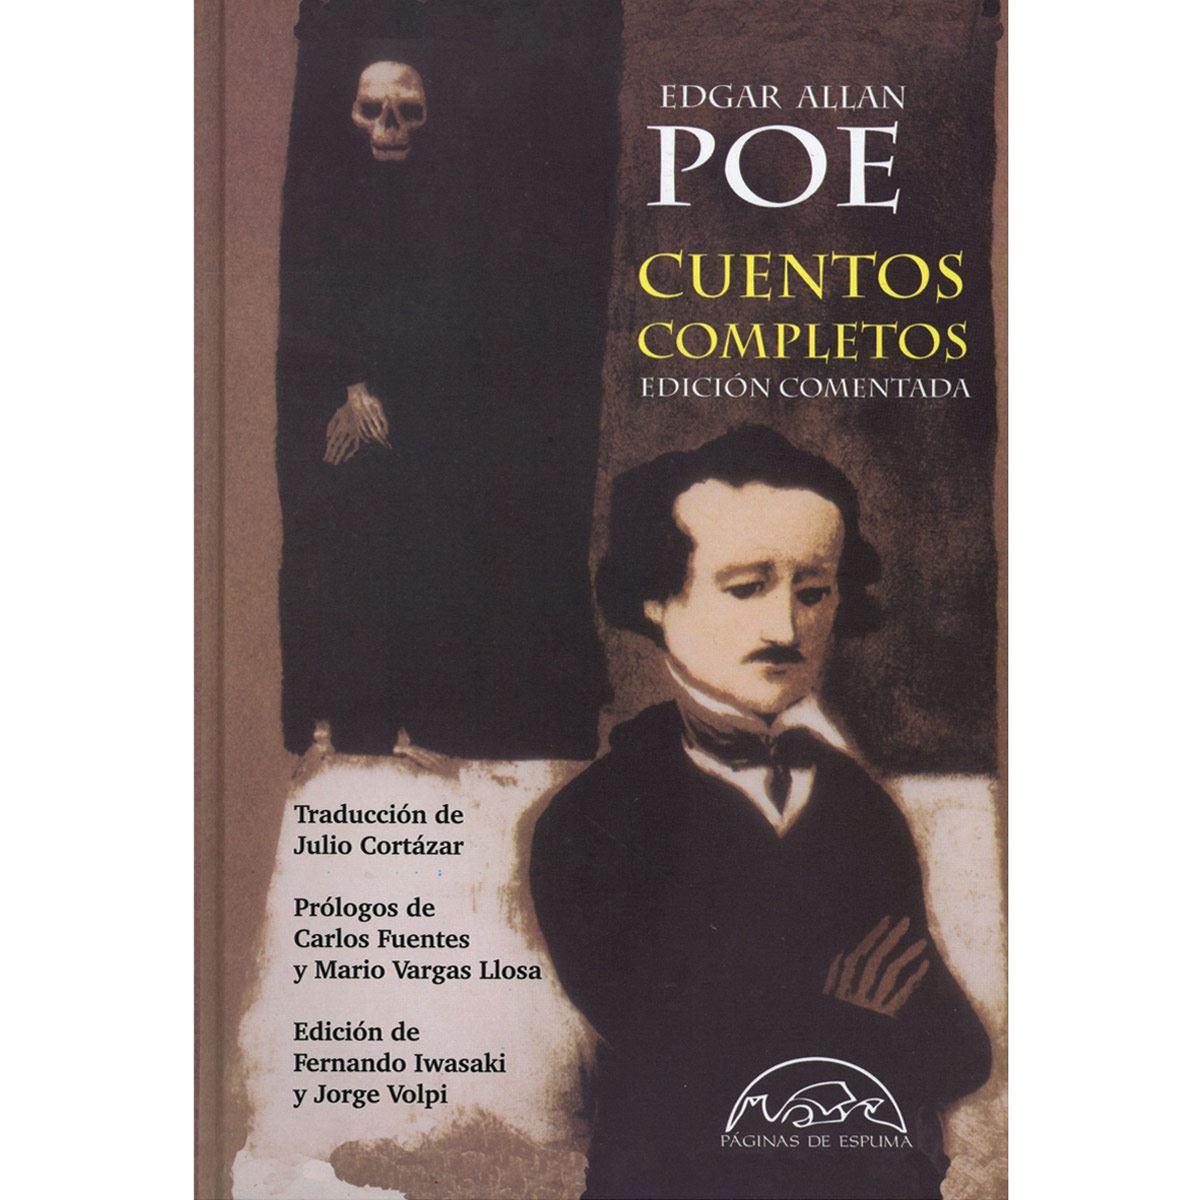 Cuentos completos Edgar Allan Poe